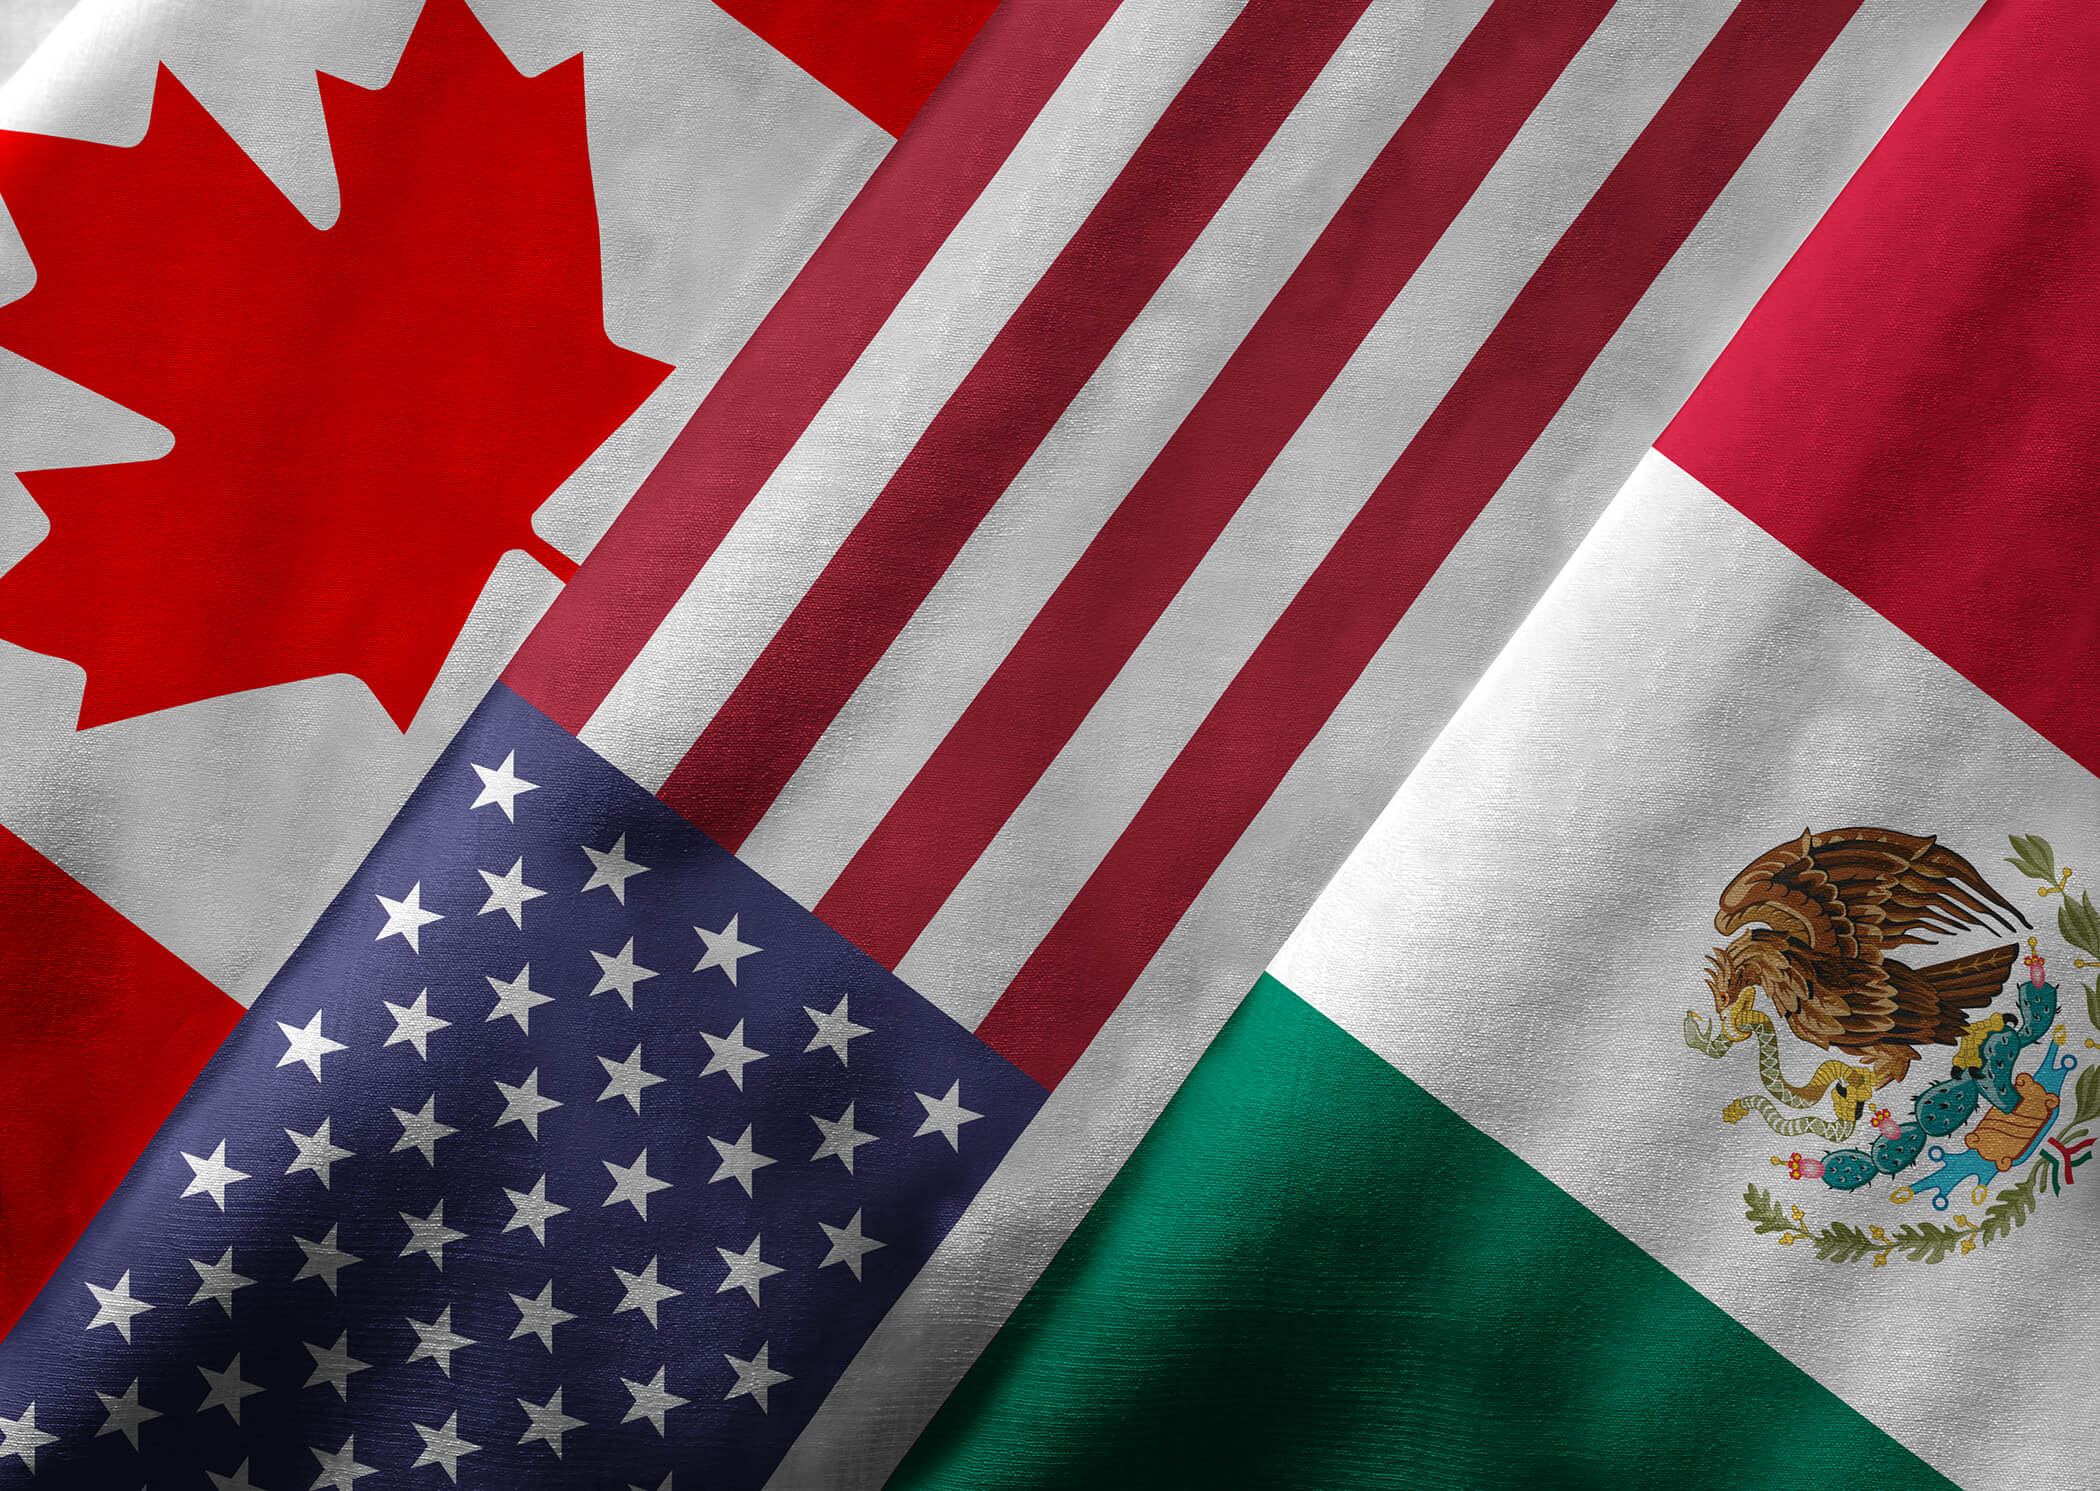 فشل محادثات اتفاقية NAFTA اعتراضًا على المطالب الأمريكية